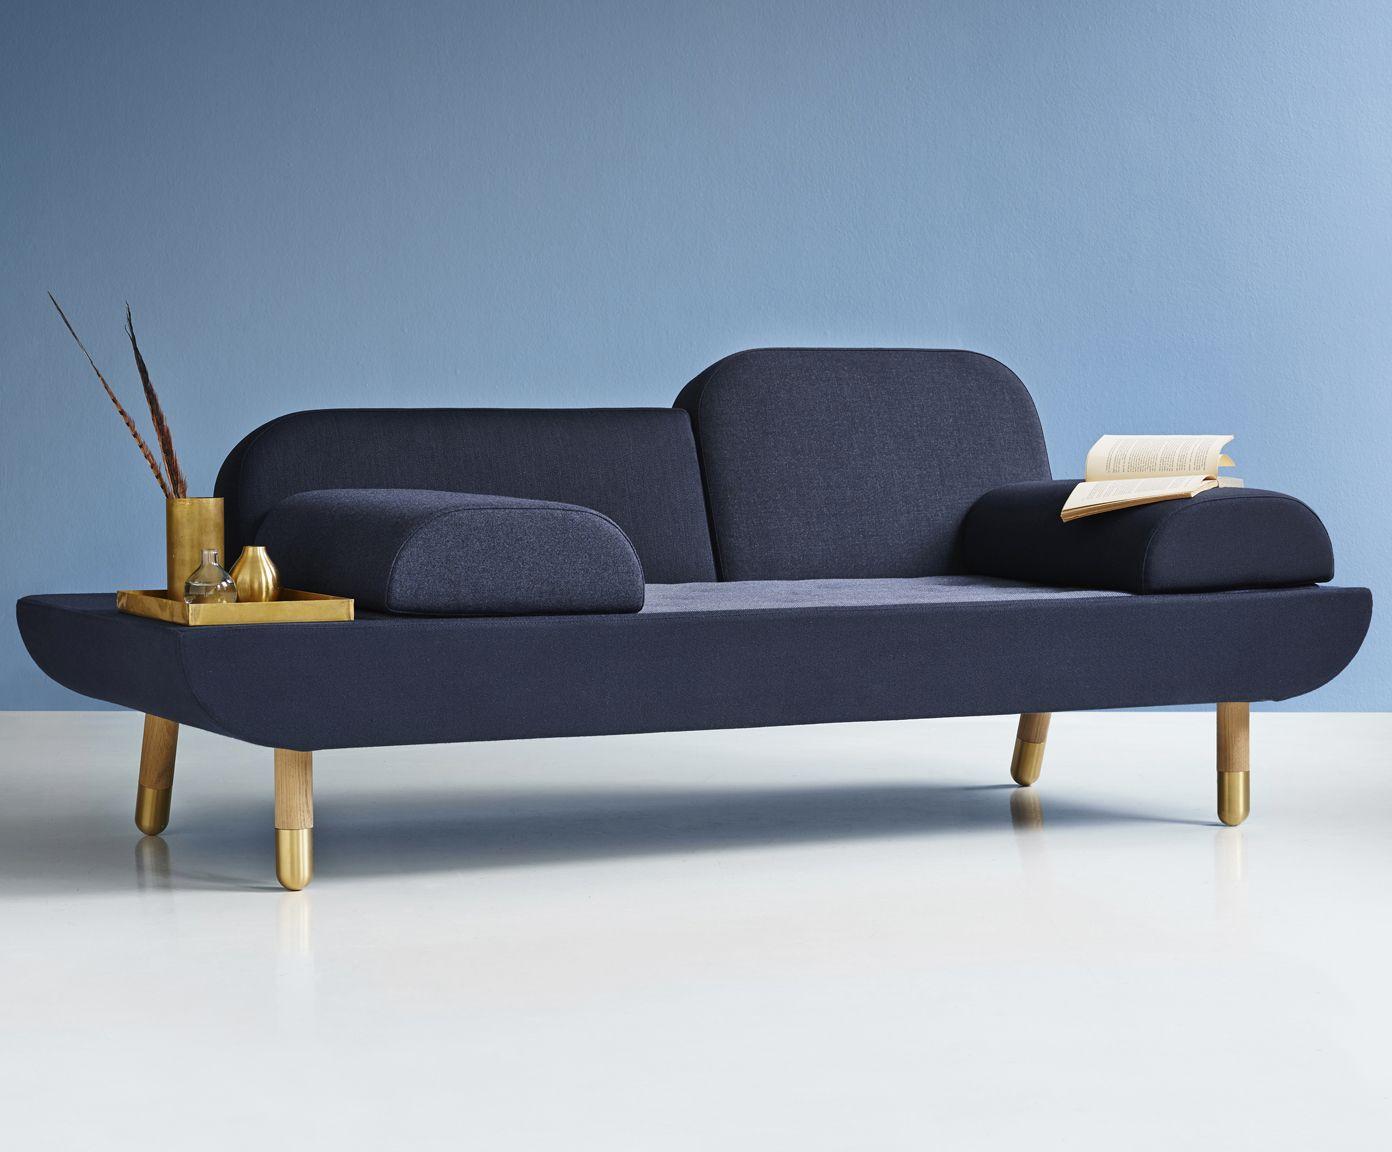 Sofa in Dunkelblau ERIK JØRGENSEN WestwingNow